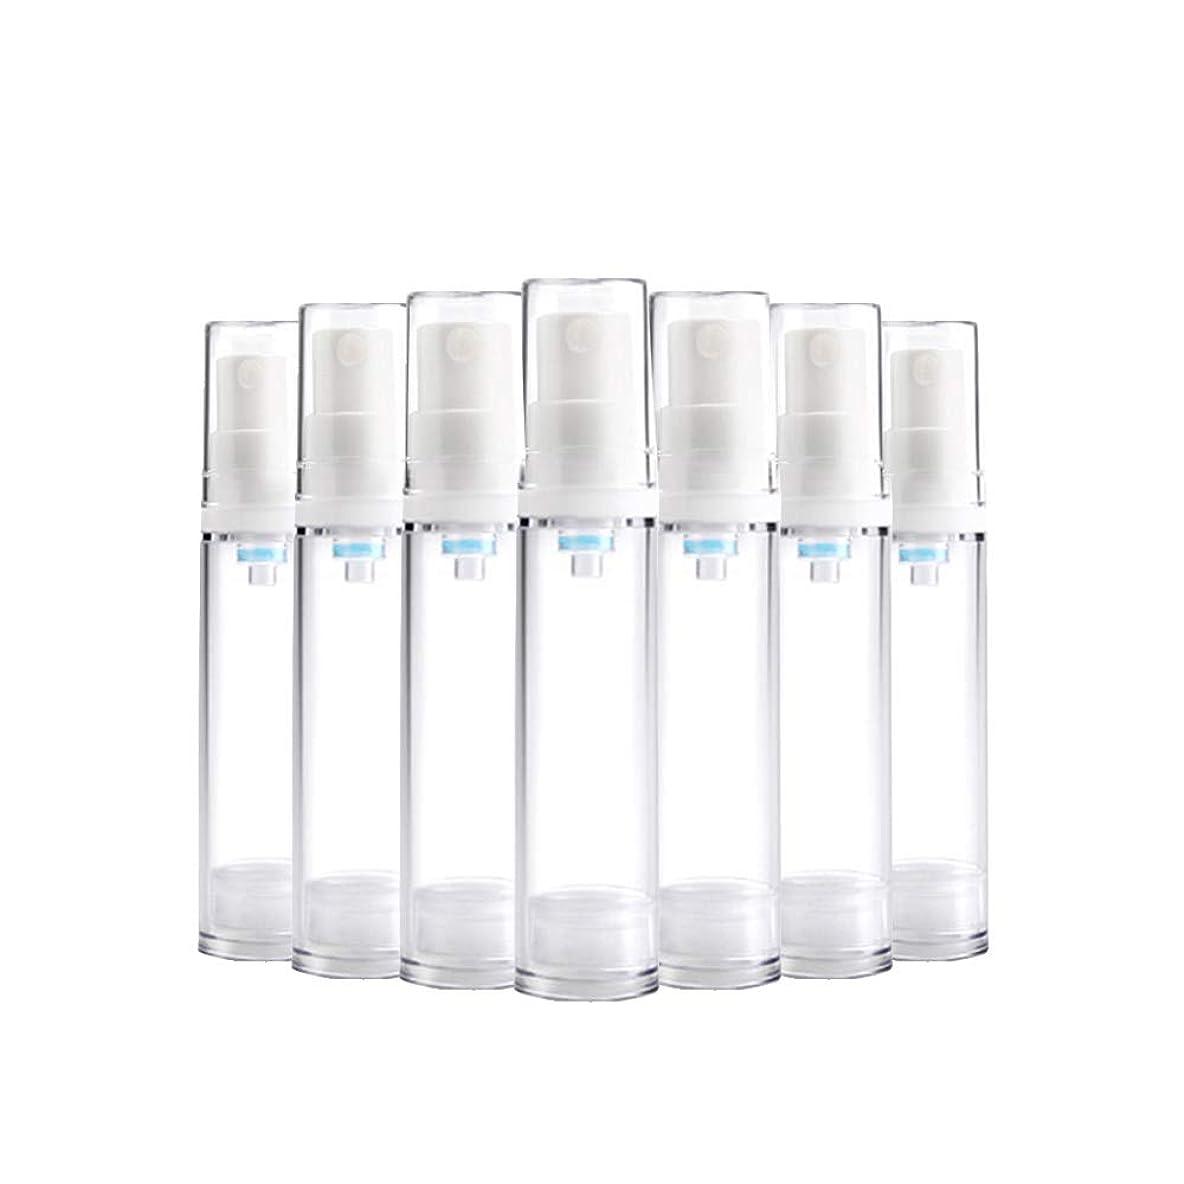 騒々しい無実引っ張る6 PCS Aspireトランスペアレントプラスチックエアロゾルスプレーボトルエアレスポンプスプレーボトル 詰め替え可能なファインミストエアレススプレー(15ml 30ml) - 30 ml